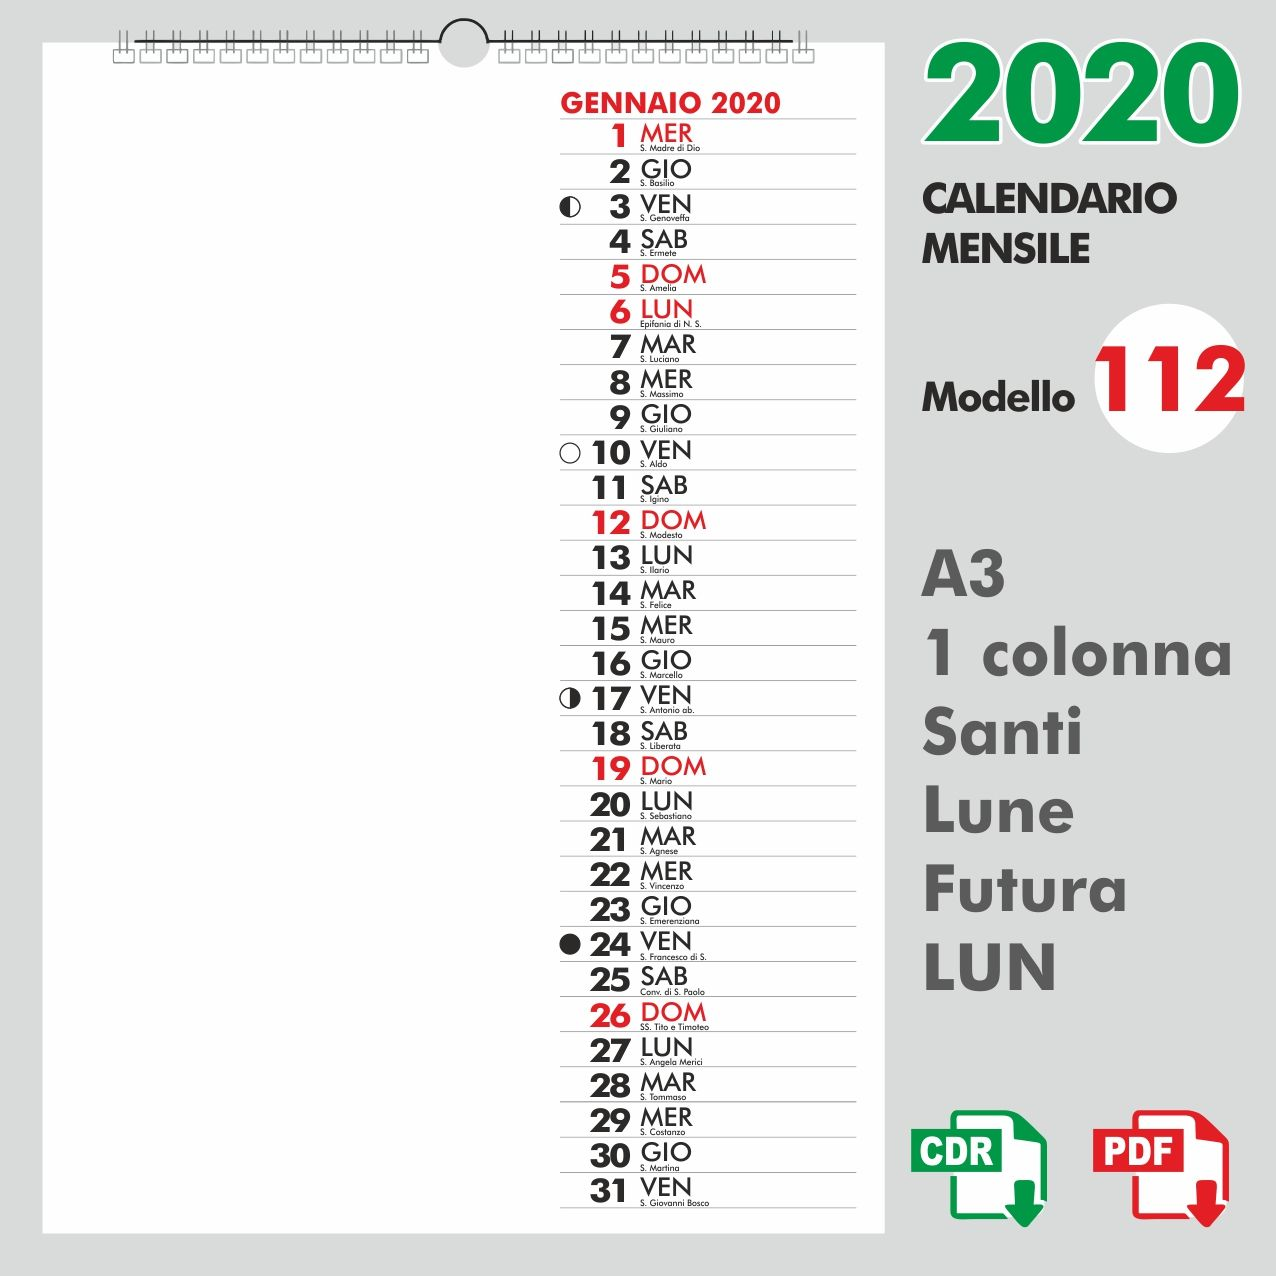 Stampabile Calendario 2020 Excel.Calendario 2020 Mensile Giorno Scritto Abbreviato Tipo Lun